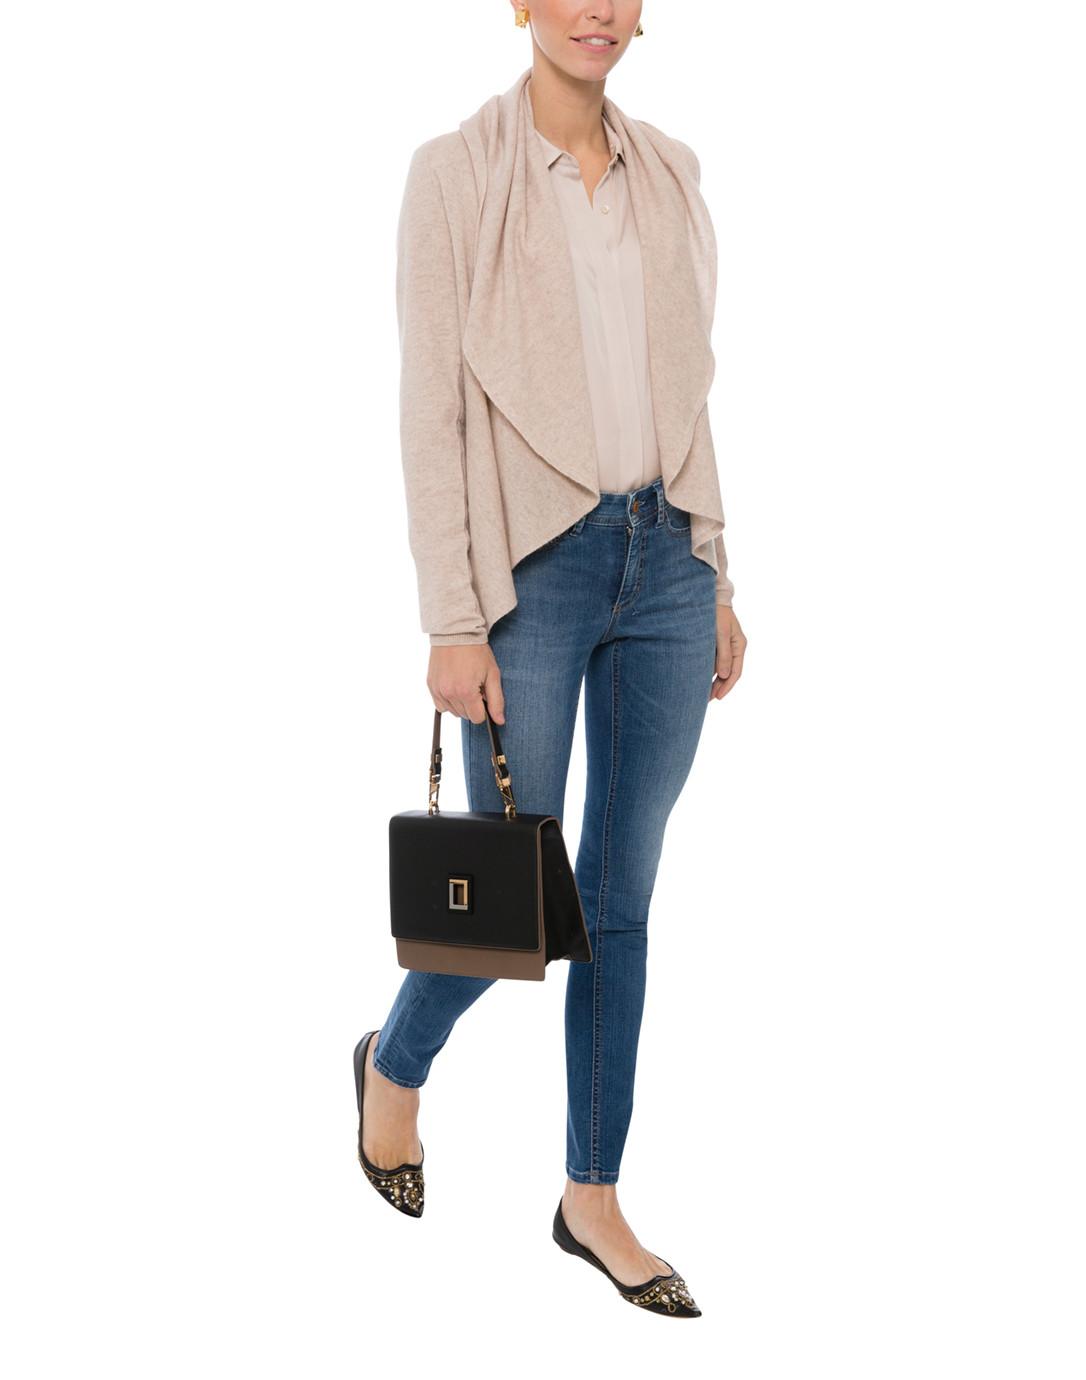 f9d2b240 Light Beige Stretch Silk Button Down Shirt | Repeat Cashmere | Halsbrook